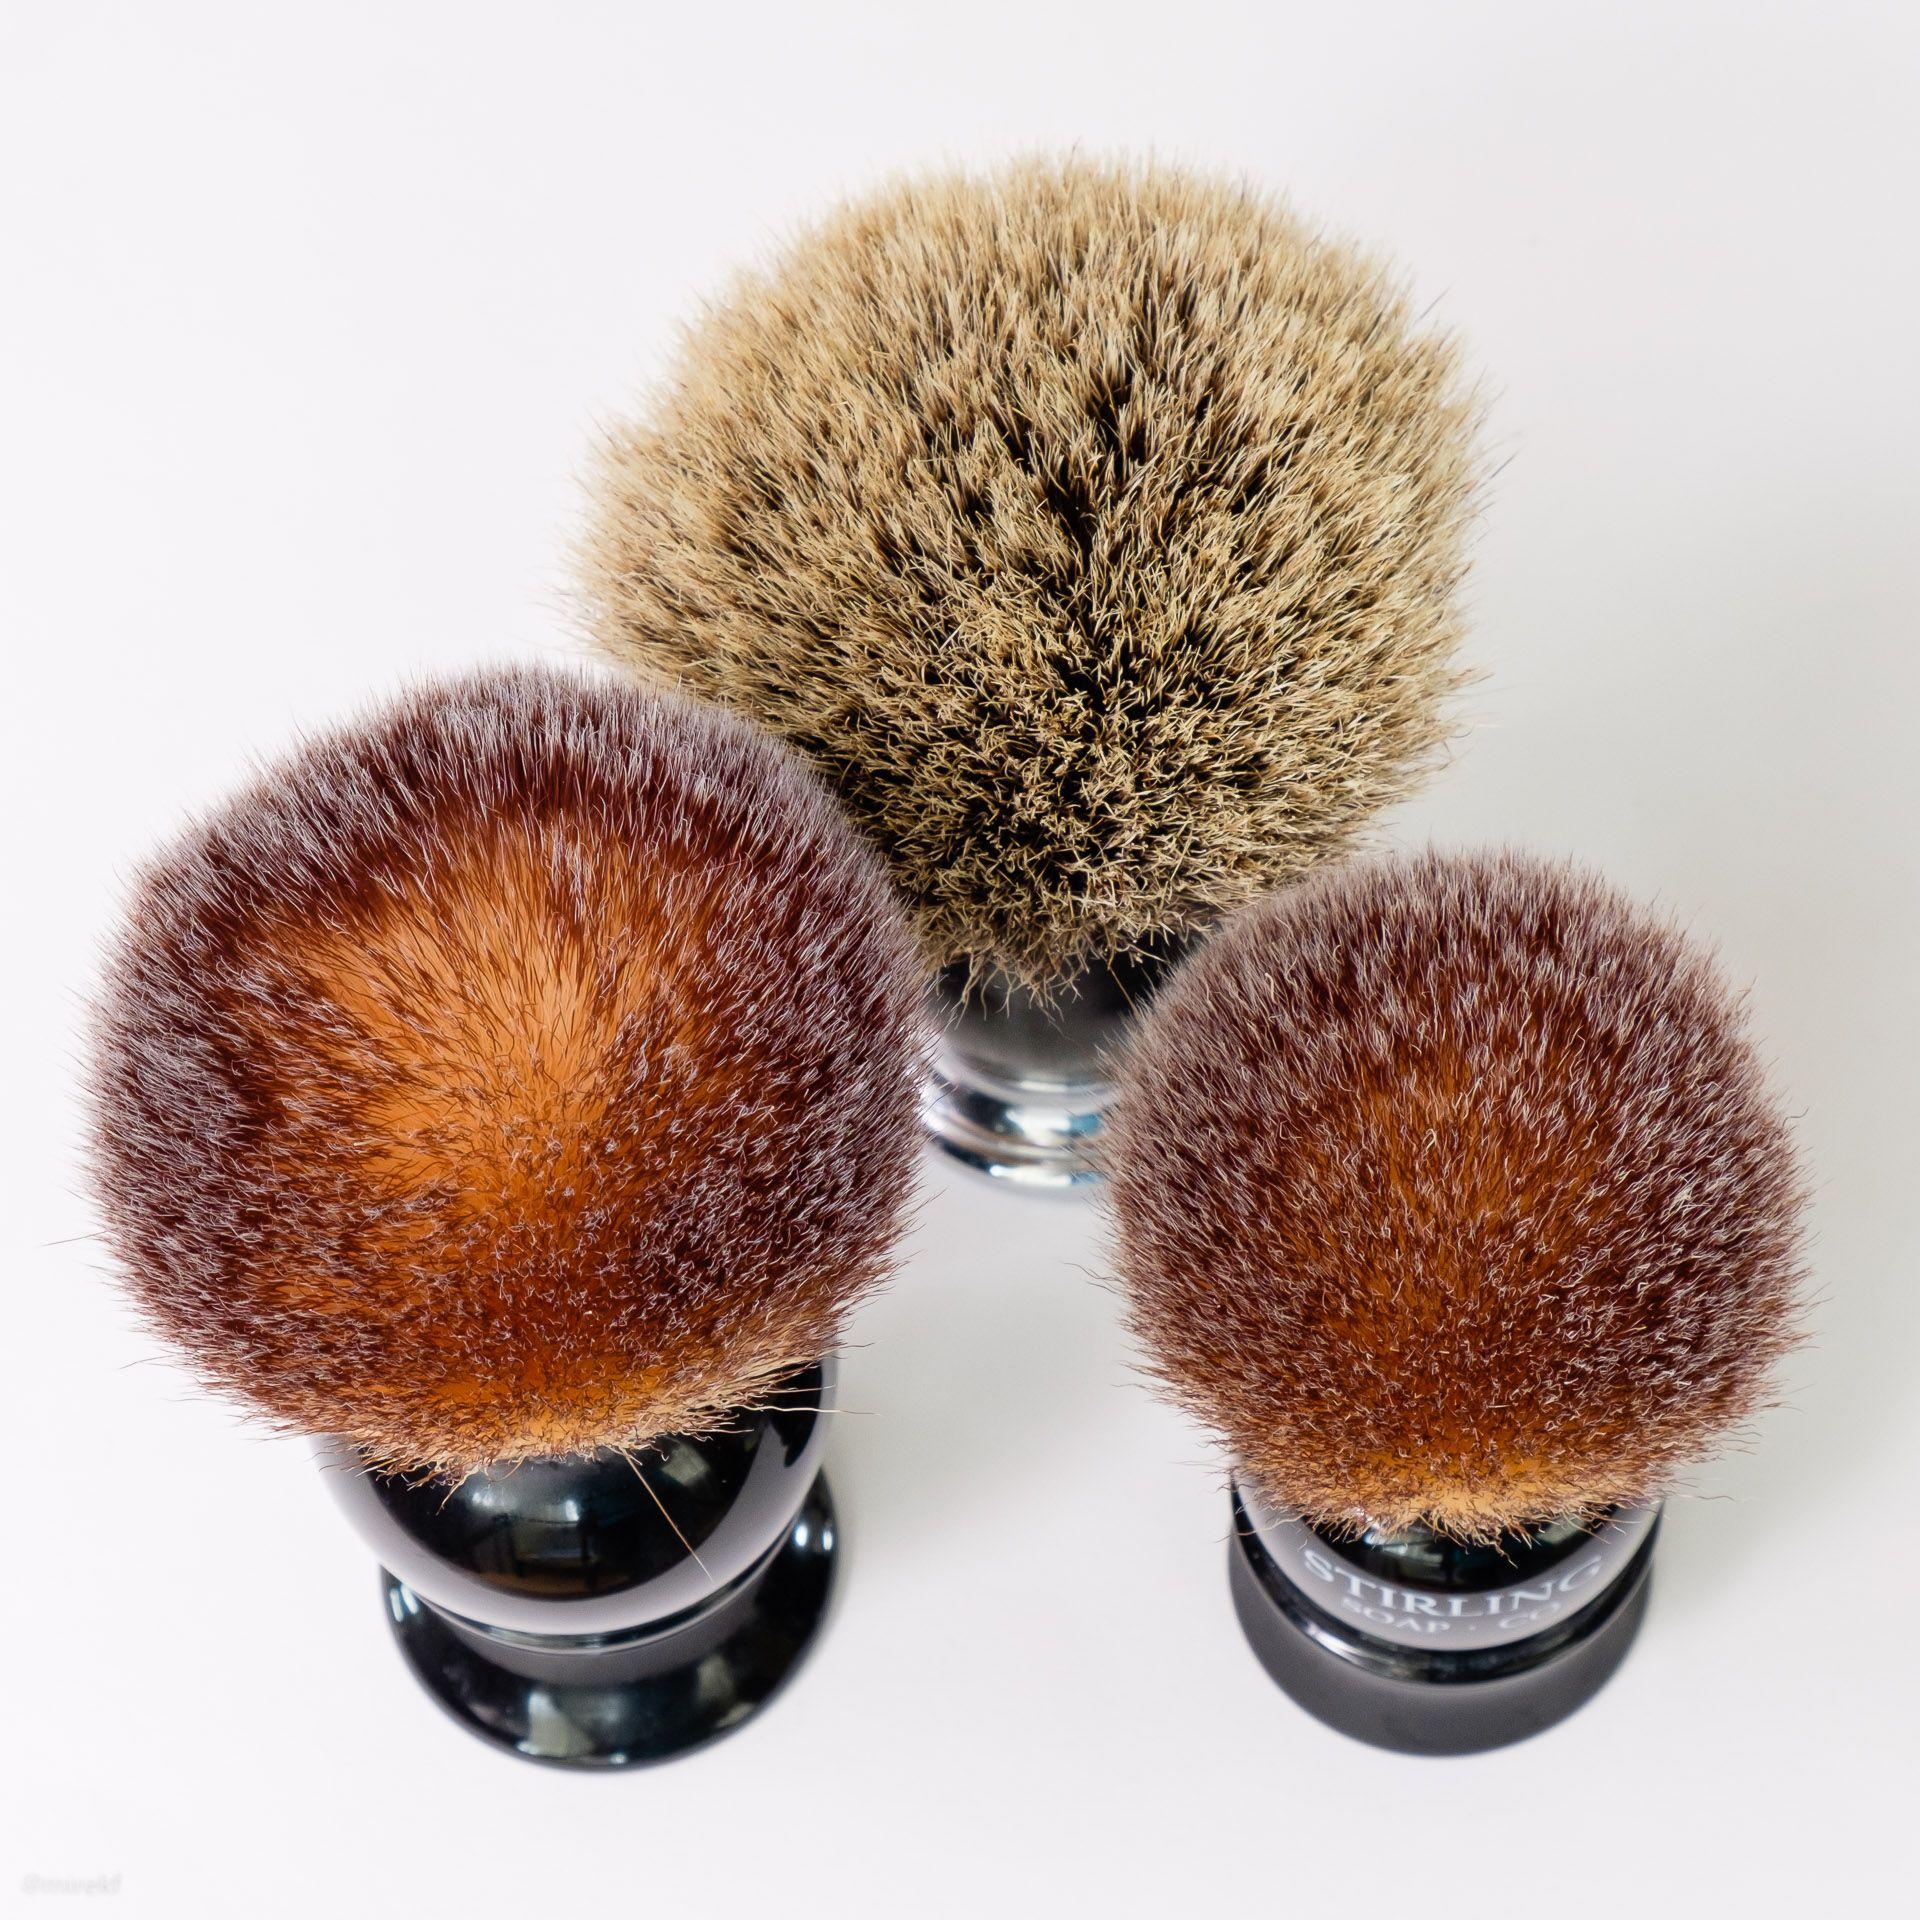 Porównianie trzech pędzli: Mühle Sopjist Silvertip Badger Brush, Maggard 24 mm i Stirling 22 mm. W Maggardzie można zauważyć lekko rozchodzące się włosie w środku knota.